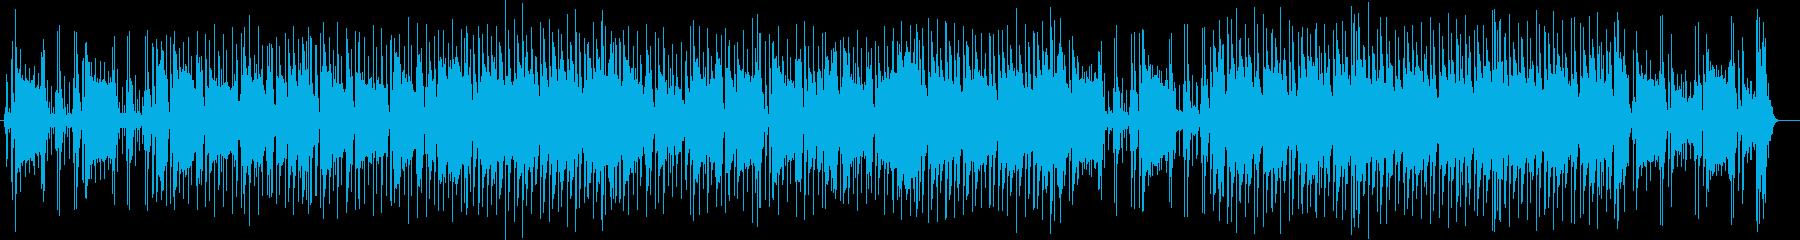 ギターの音色が軽やかに響くポップスの再生済みの波形